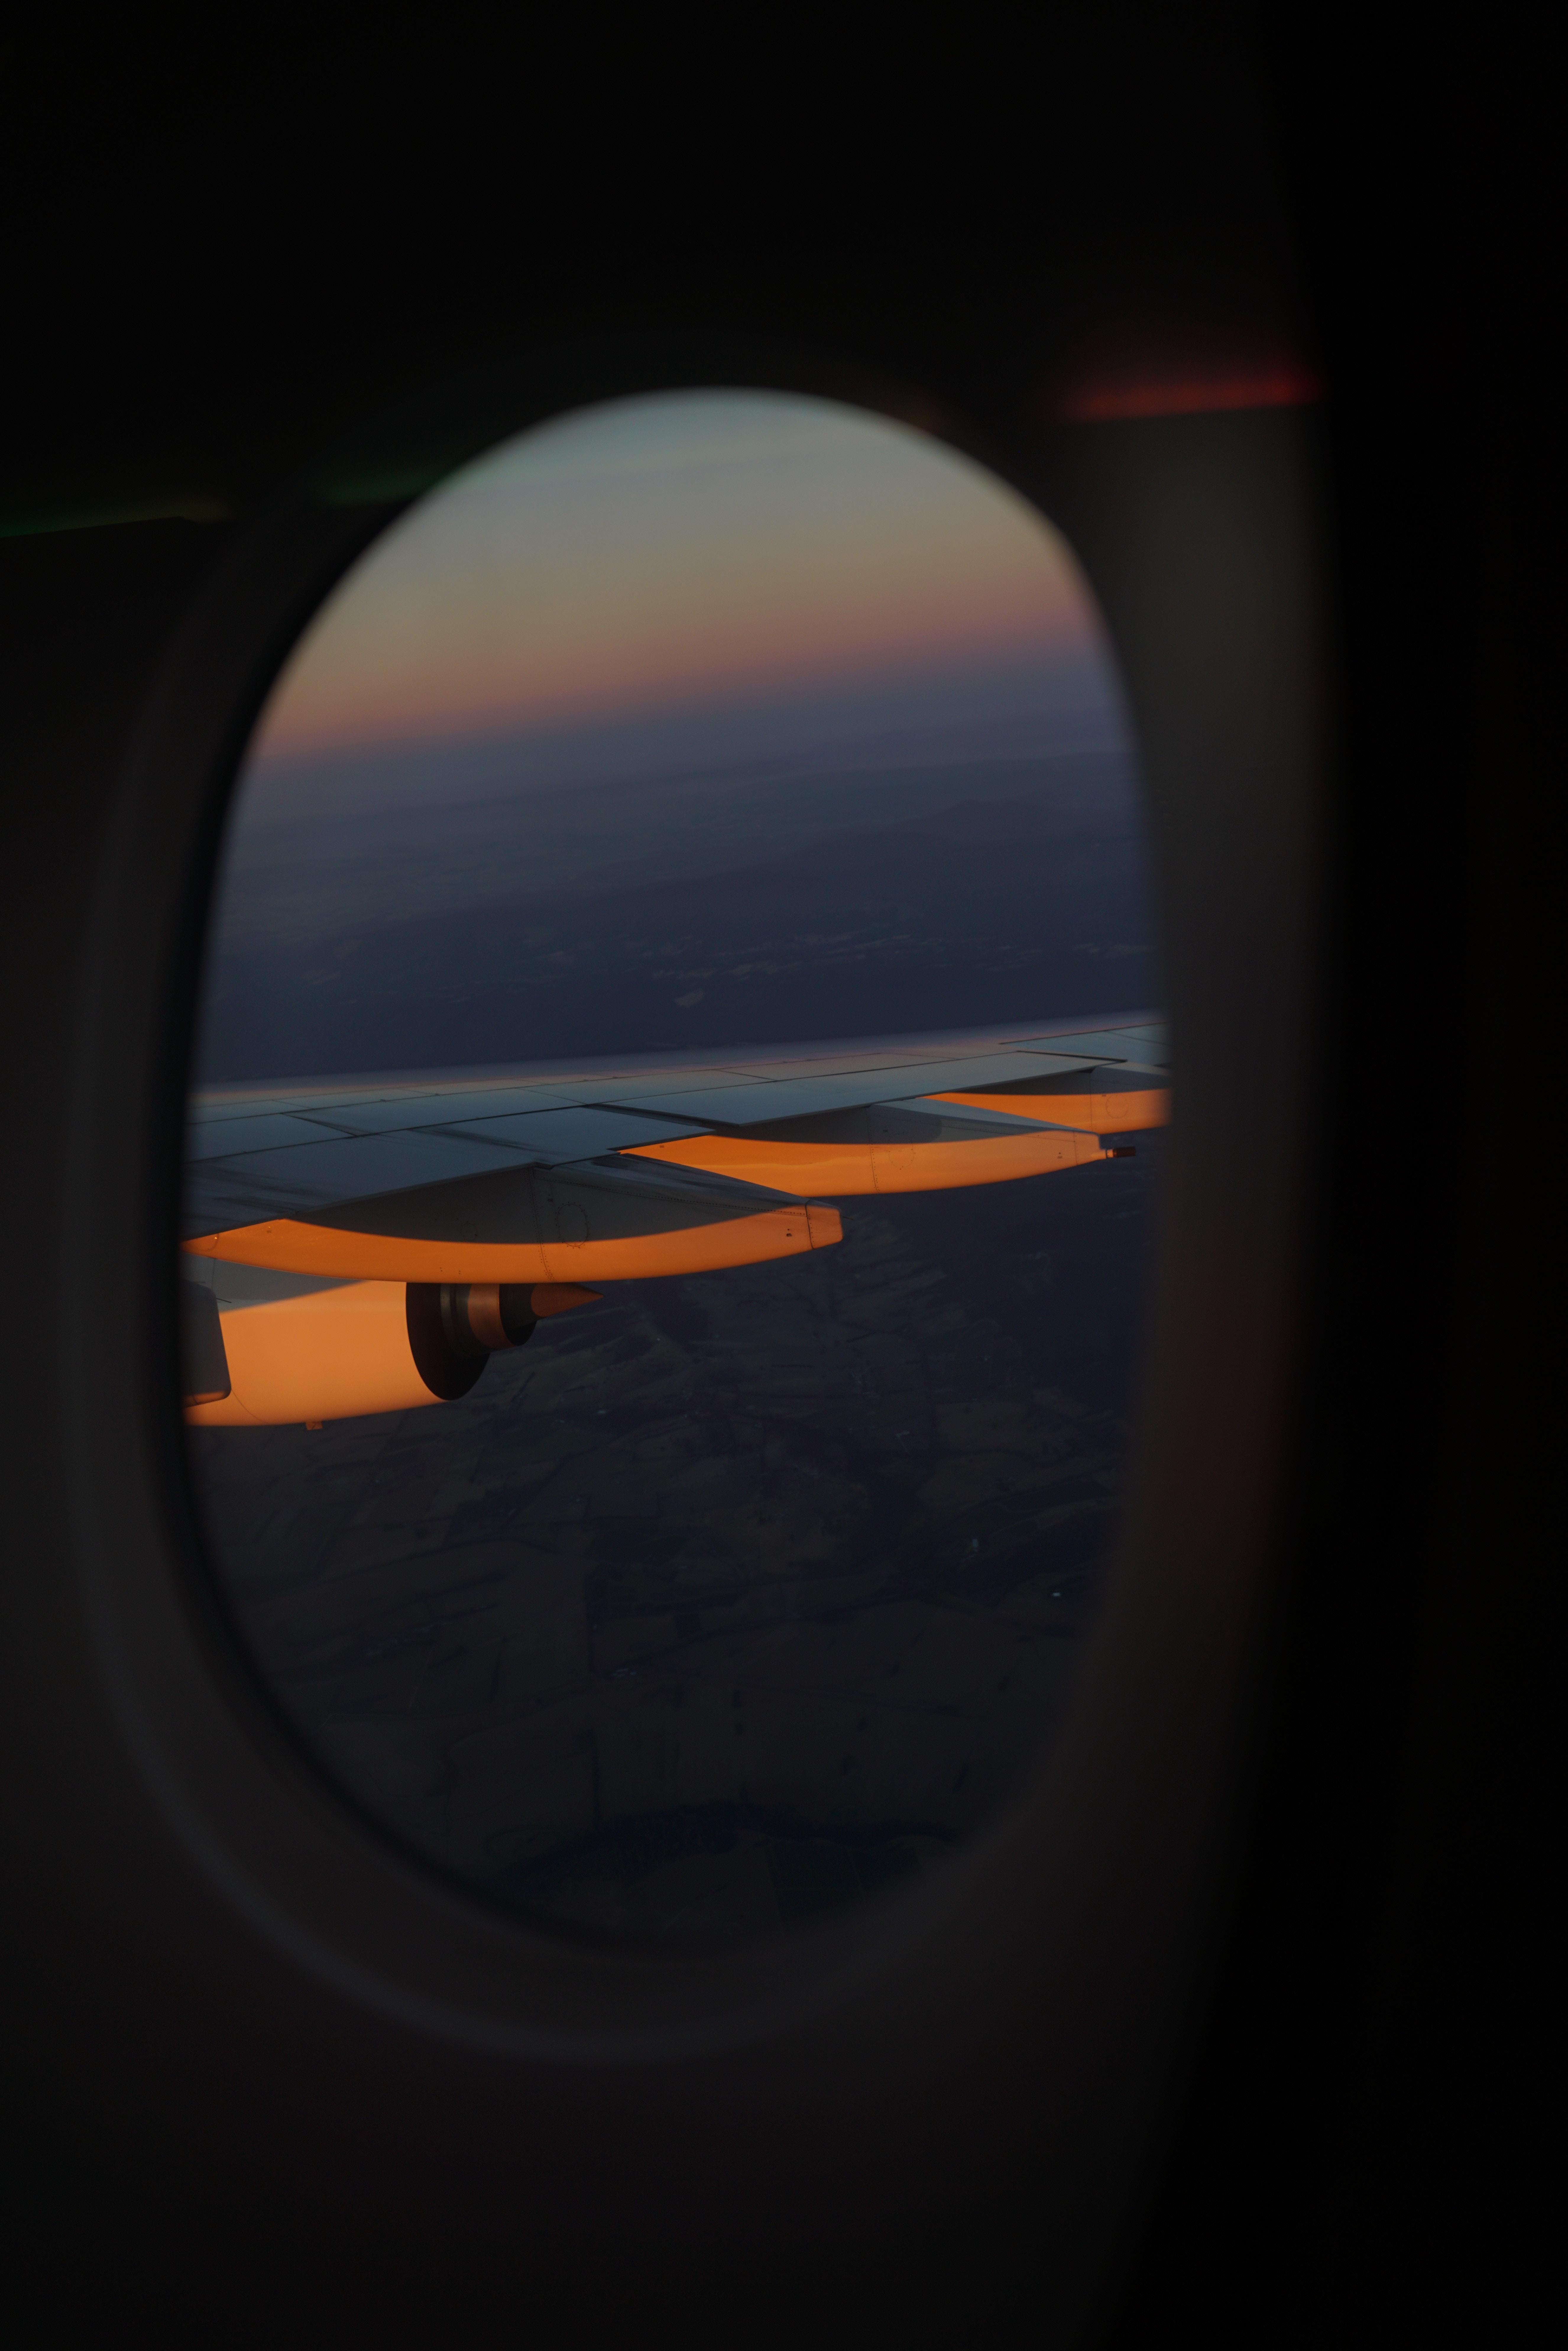 Kostenlose foto : Flügel, Licht, Sonne, Sonnenuntergang, Sonnenlicht ...